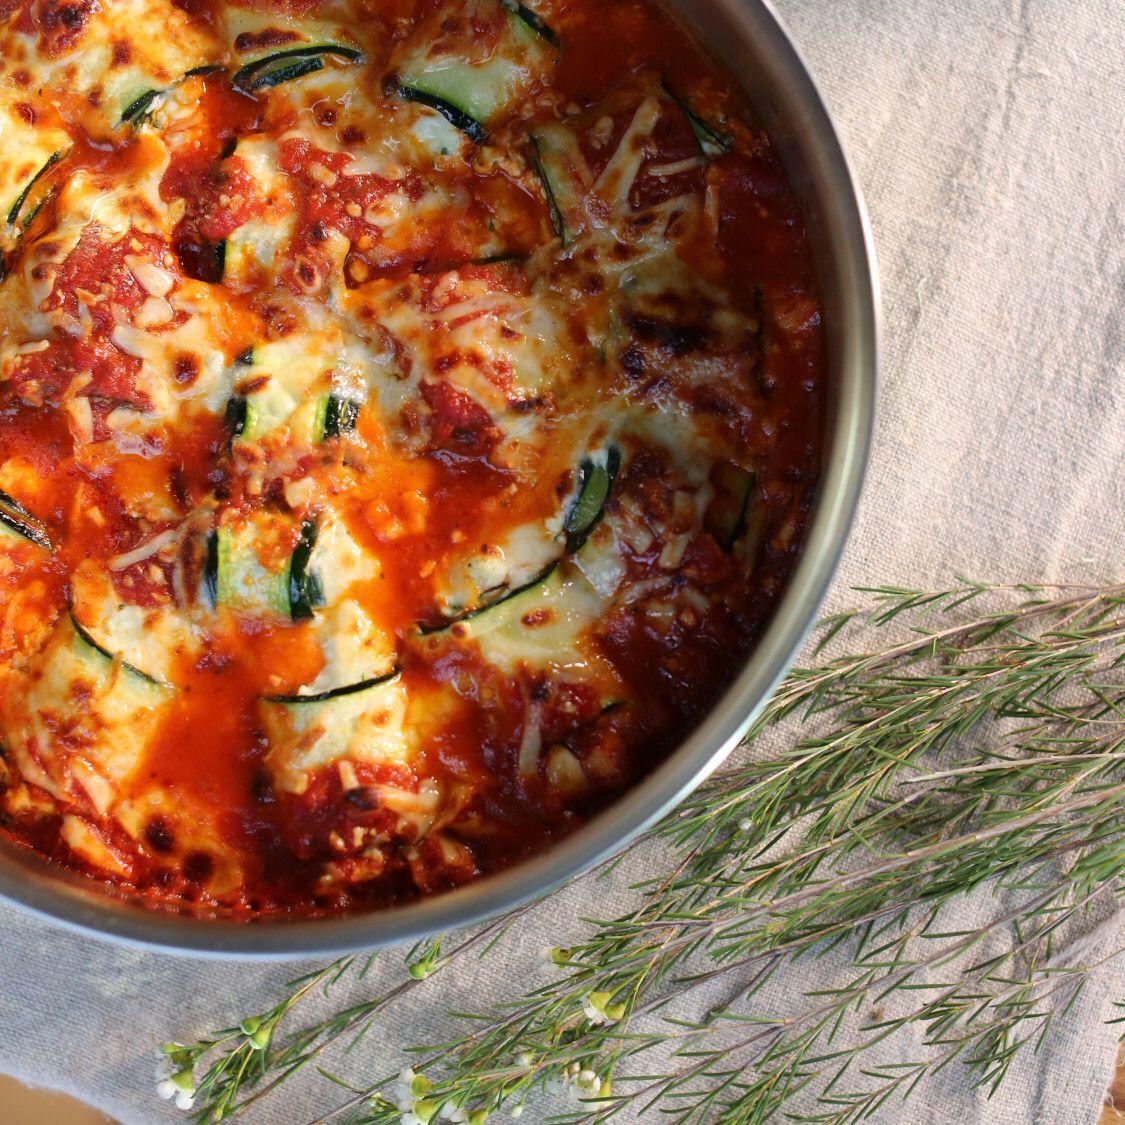 Zucchini Rollatini Recipe In 2020 Food Network Recipes Rollatini Recipes